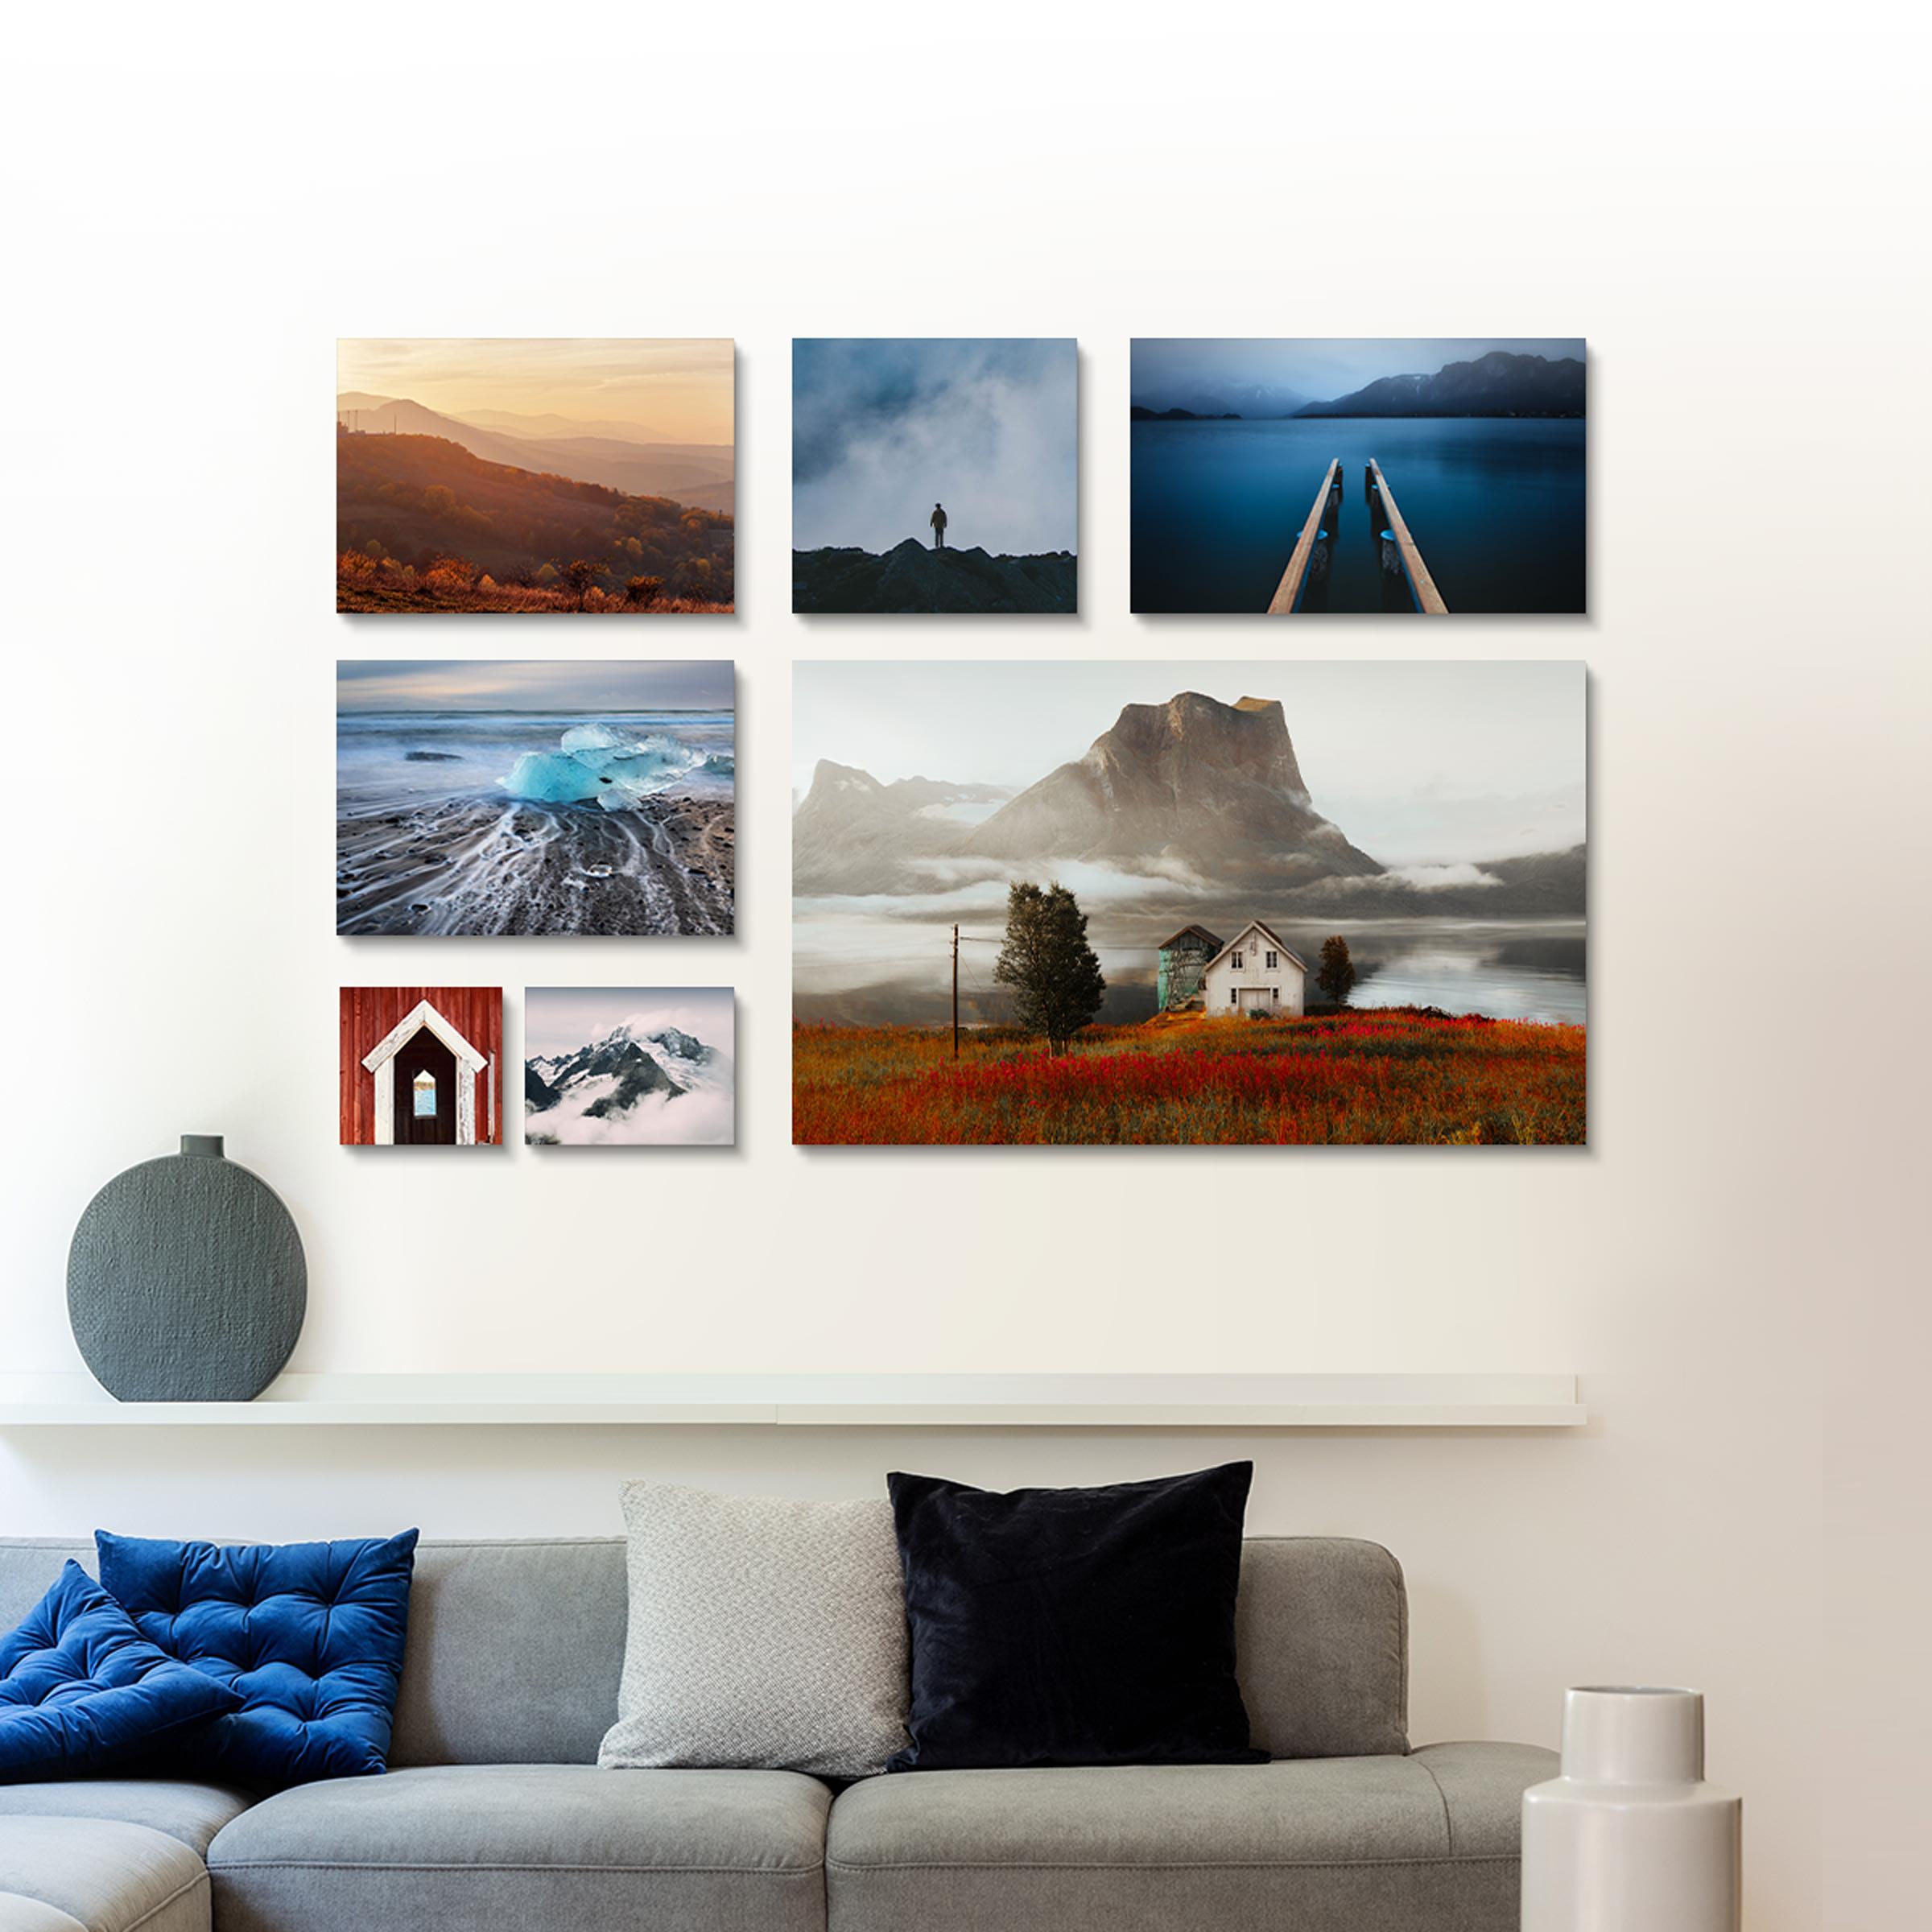 echter-fotoabzug-hinter-acrylglas-matt-inspiration-1200x1200.jpg